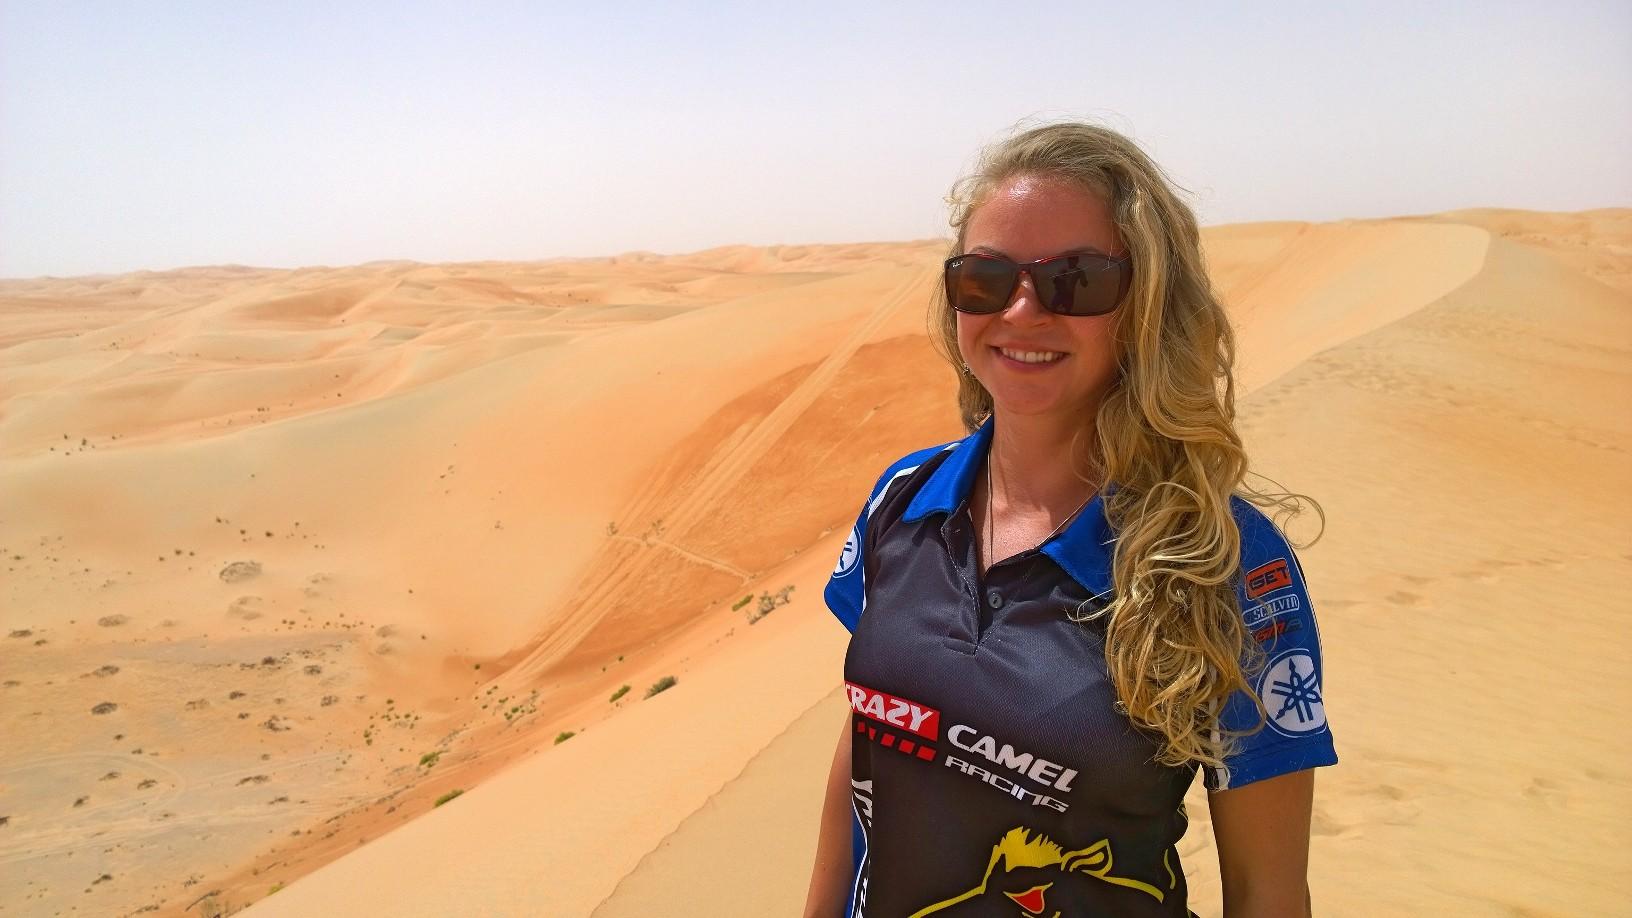 Yamaha Rally Dakar 2016 Girl